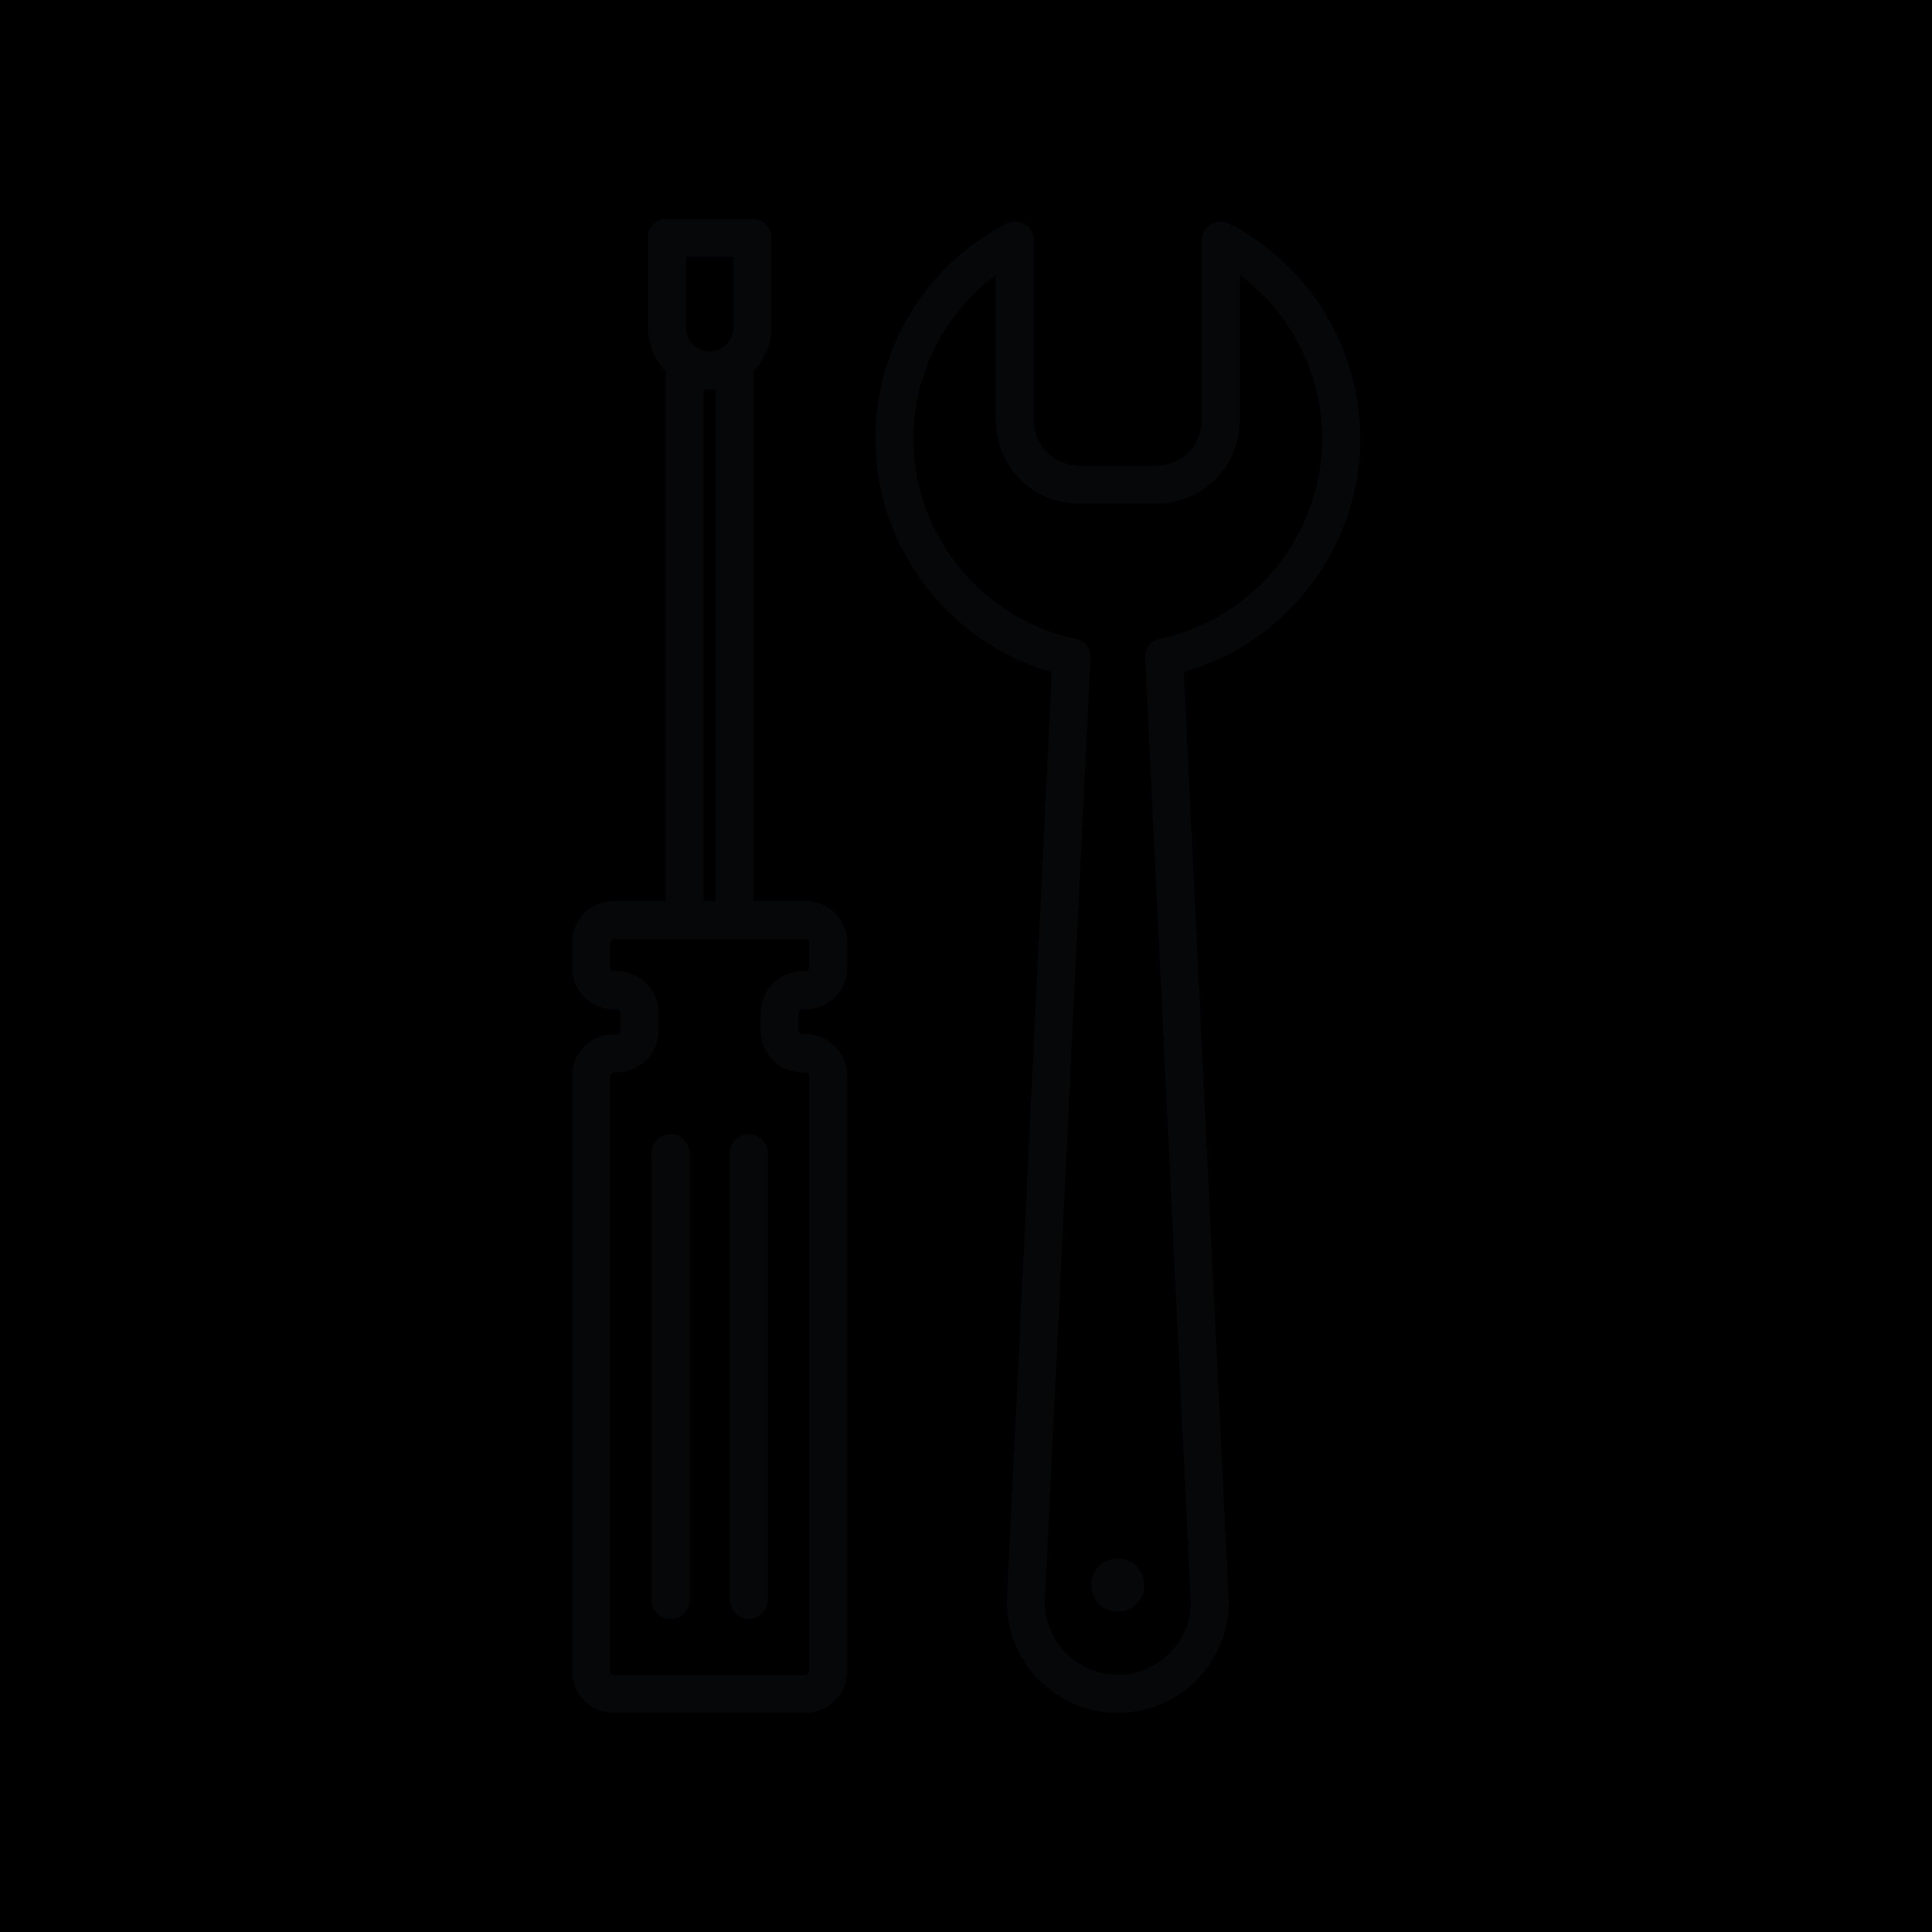 Icoon installatietechniek